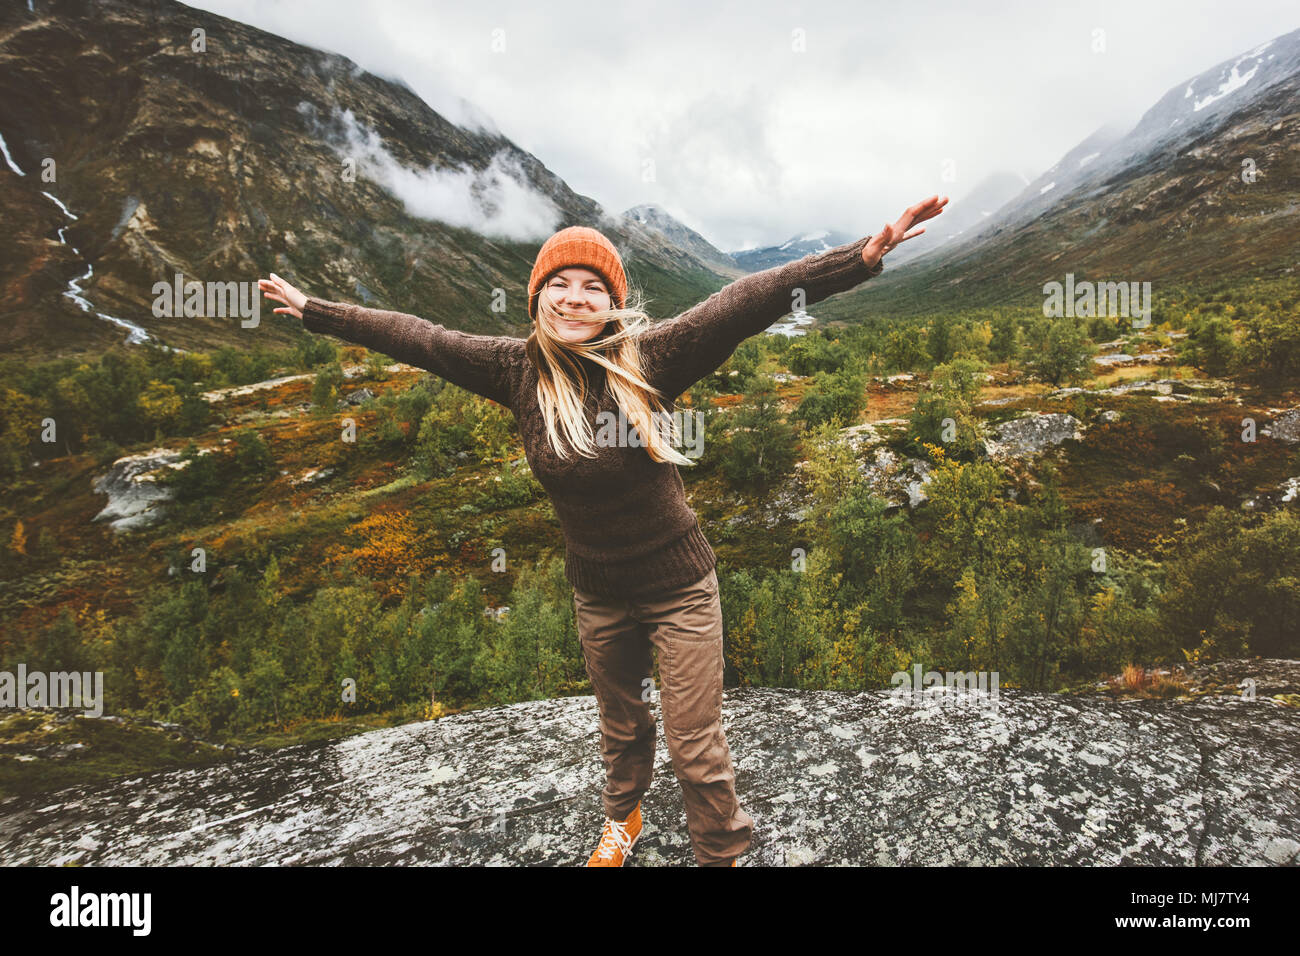 Feliz criada manos caminando en las montañas de bosque disfrutando ver aventura en concepto de estilo de vida de vacaciones activas en Noruega Imagen De Stock